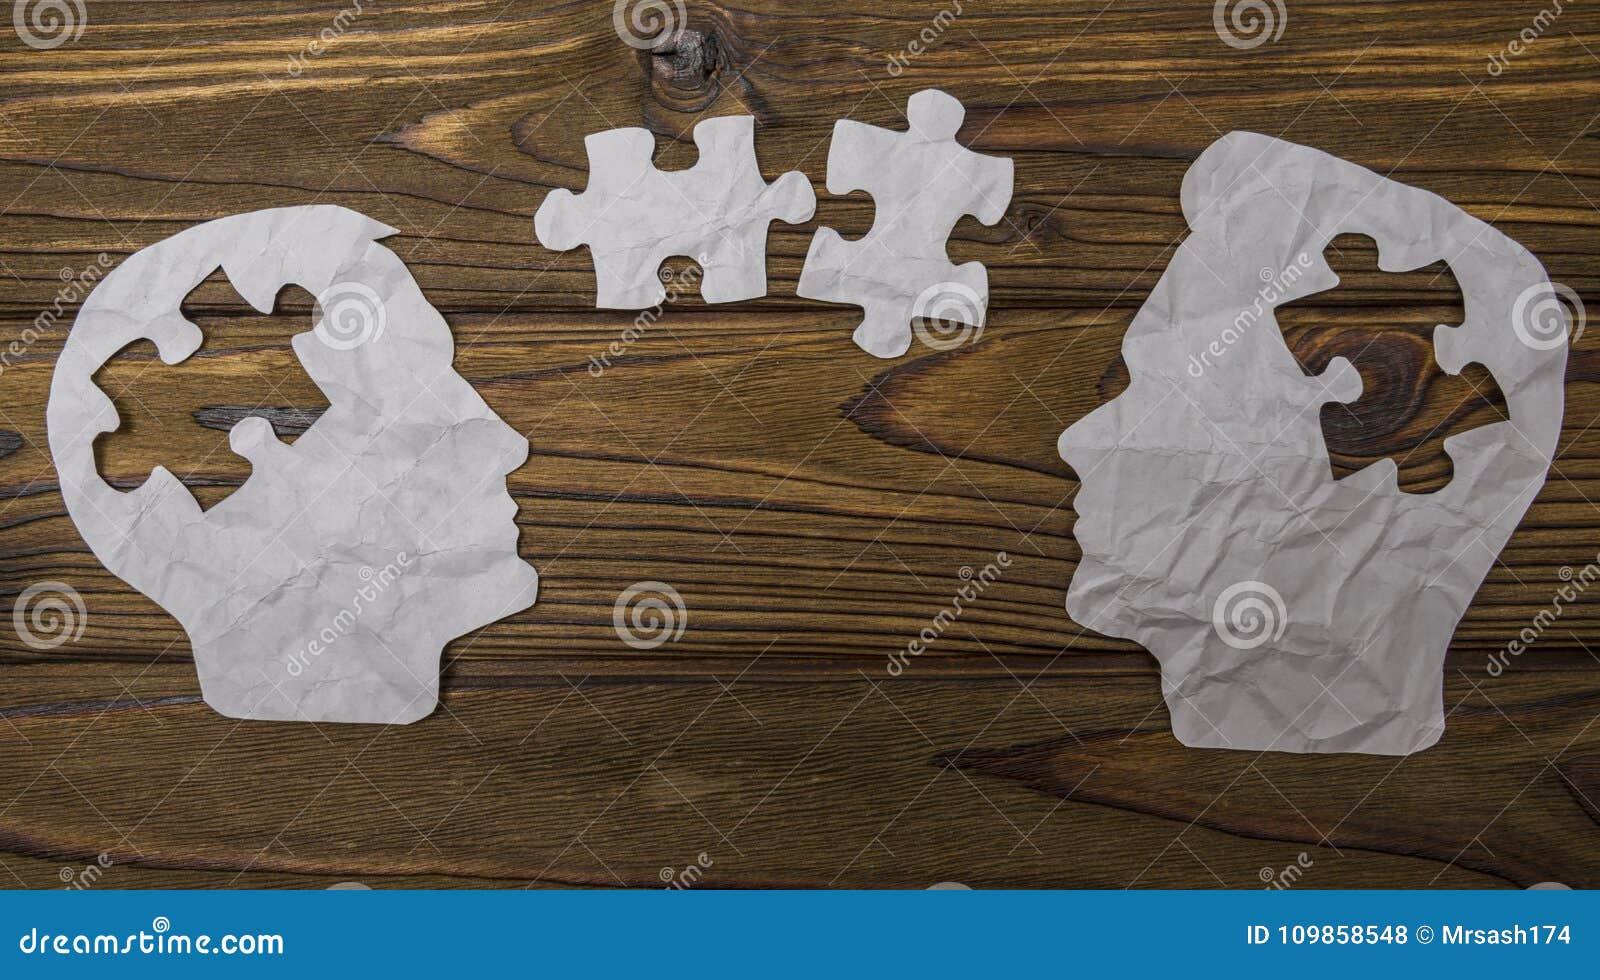 Sammansatt bild av papper i form av två head konturer på en träbakgrund